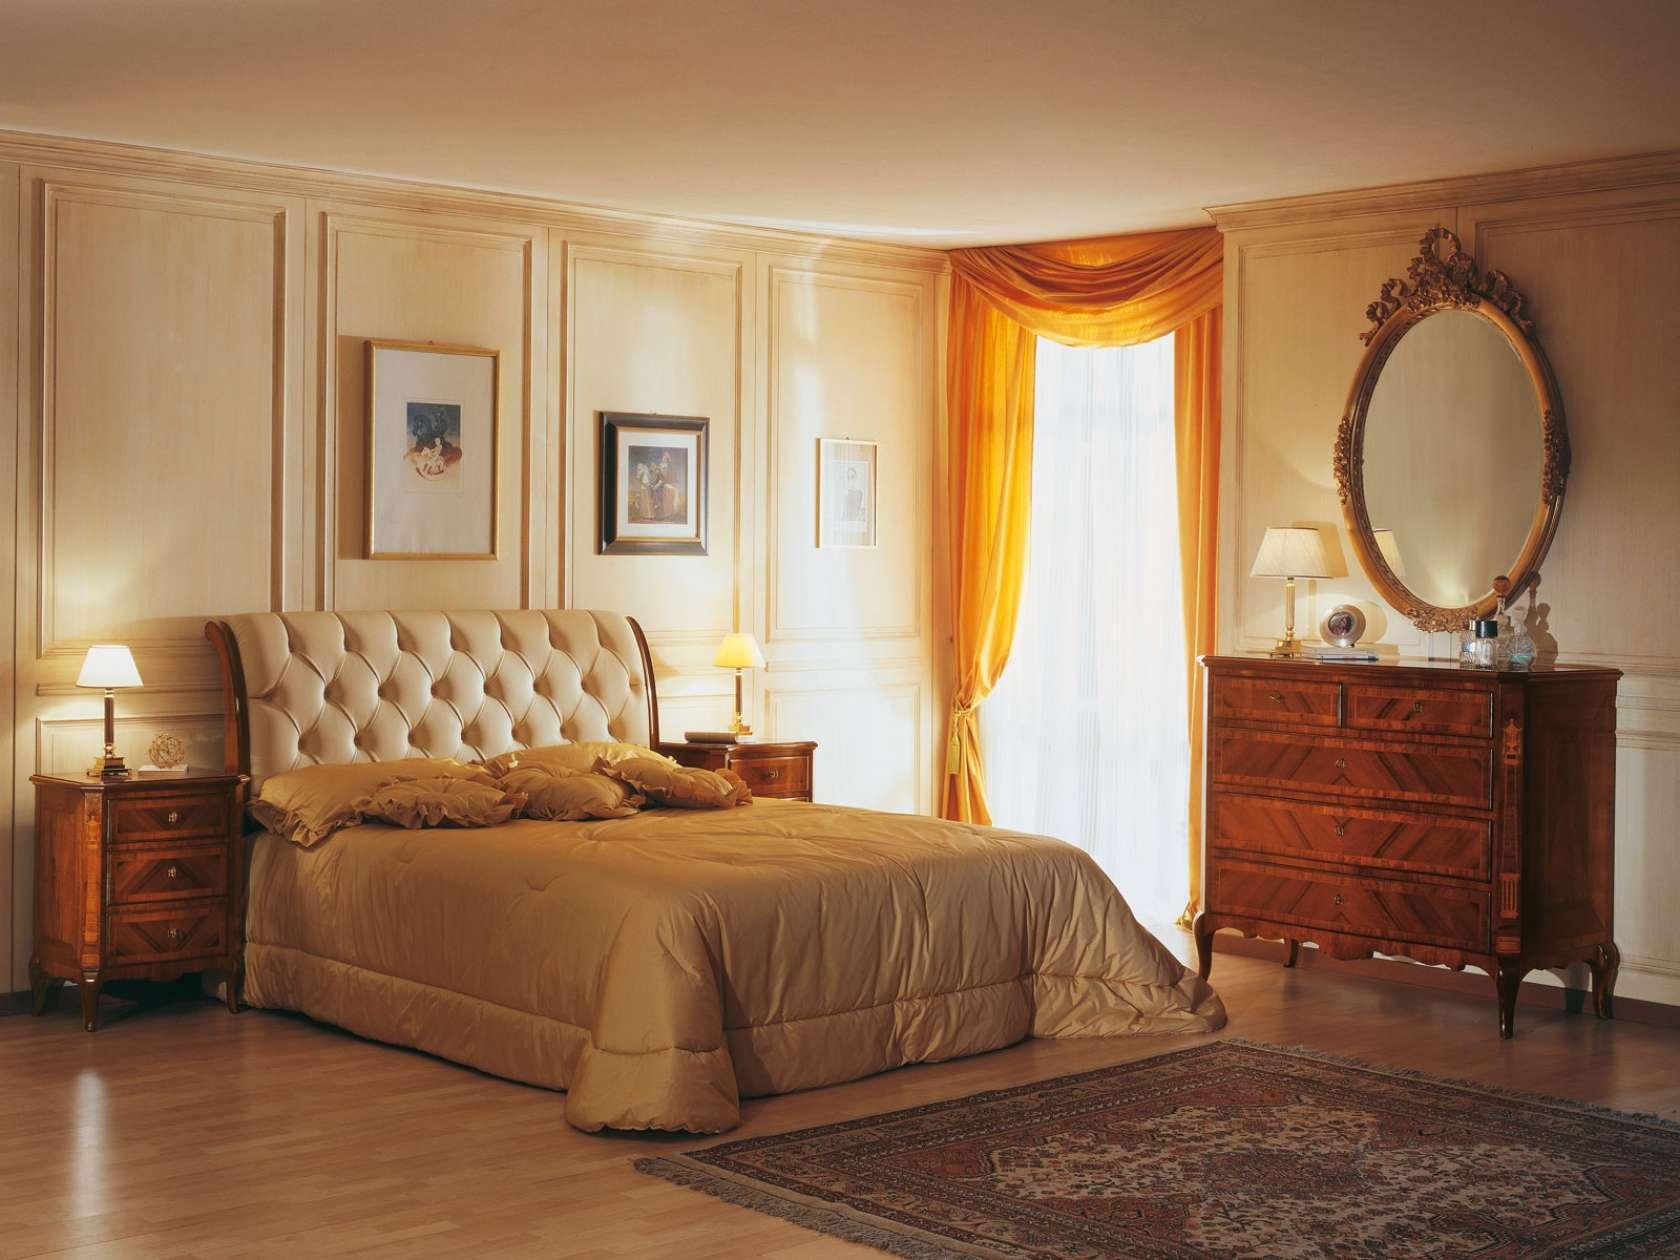 Camera da letto francese in stile 800 | Vimercati Classic ...